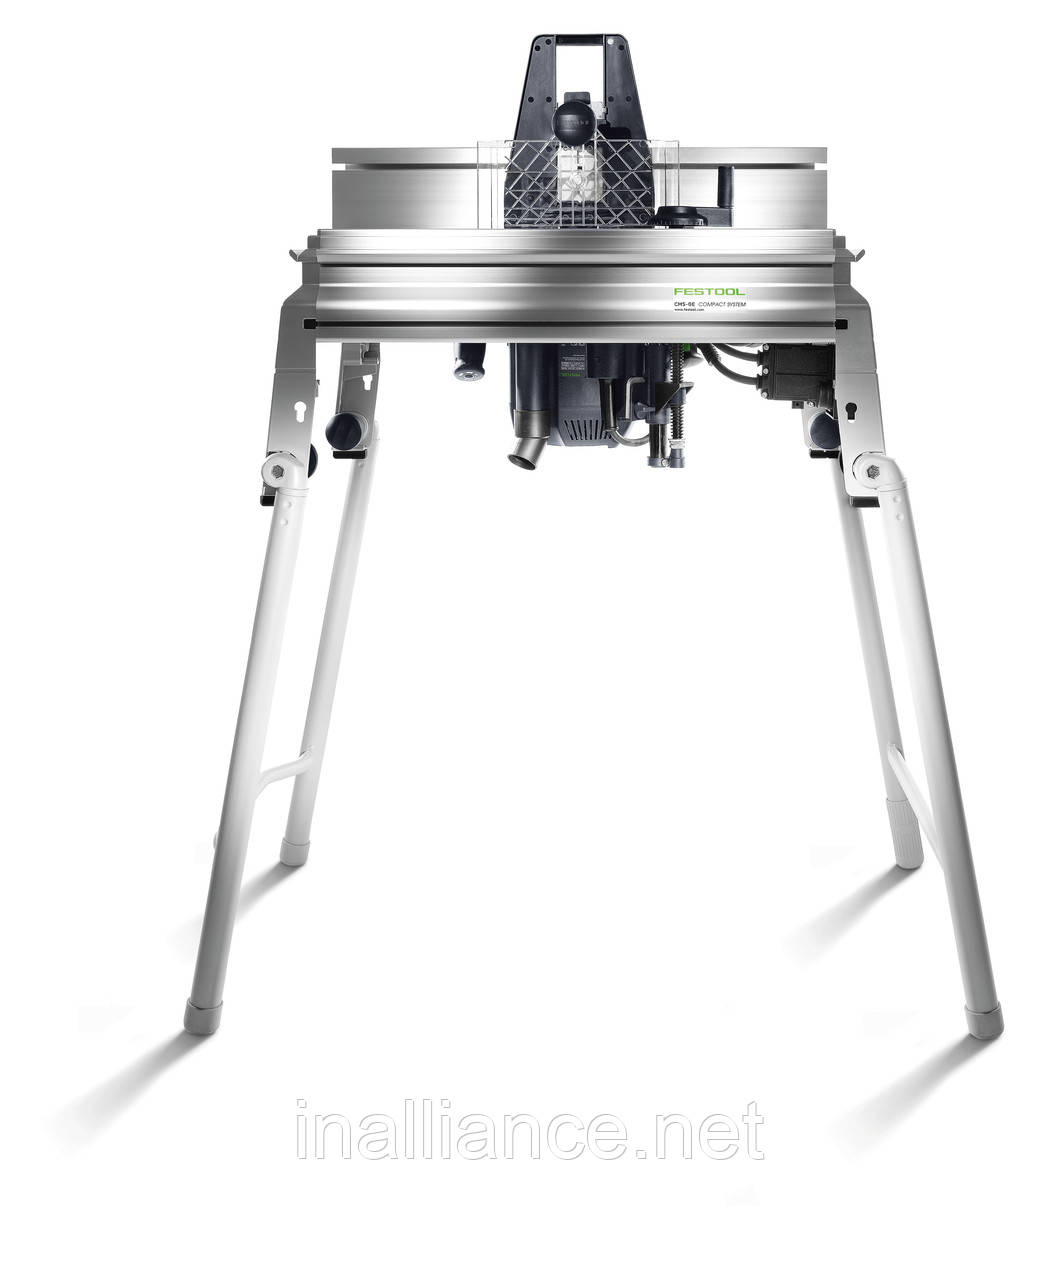 Фрезерный стол CMS TF 2200-Set Festool 570275